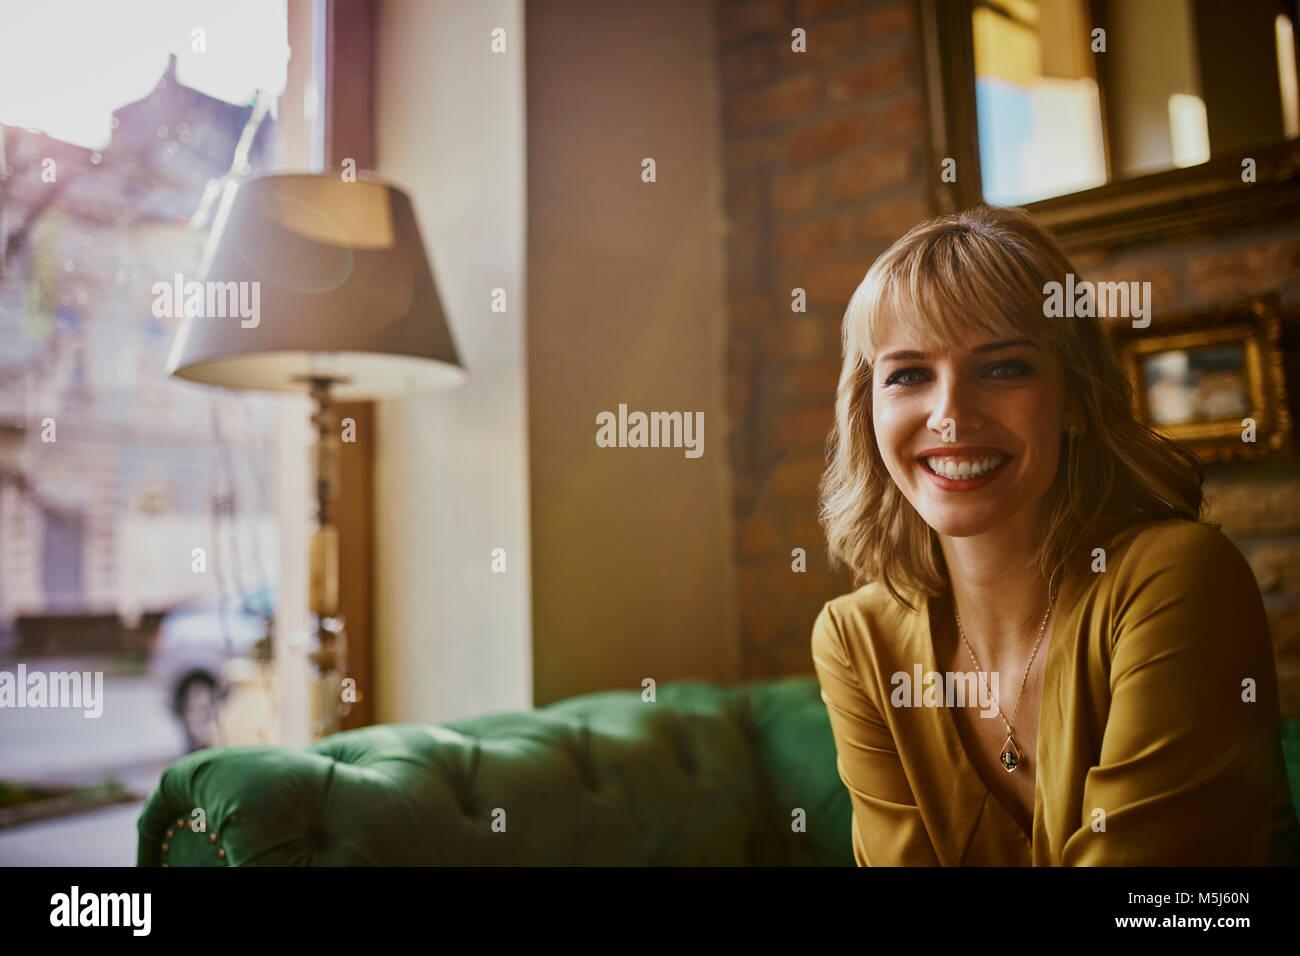 Portrait von lächelnden elegante Frau sitzt auf einer Couch Stockbild